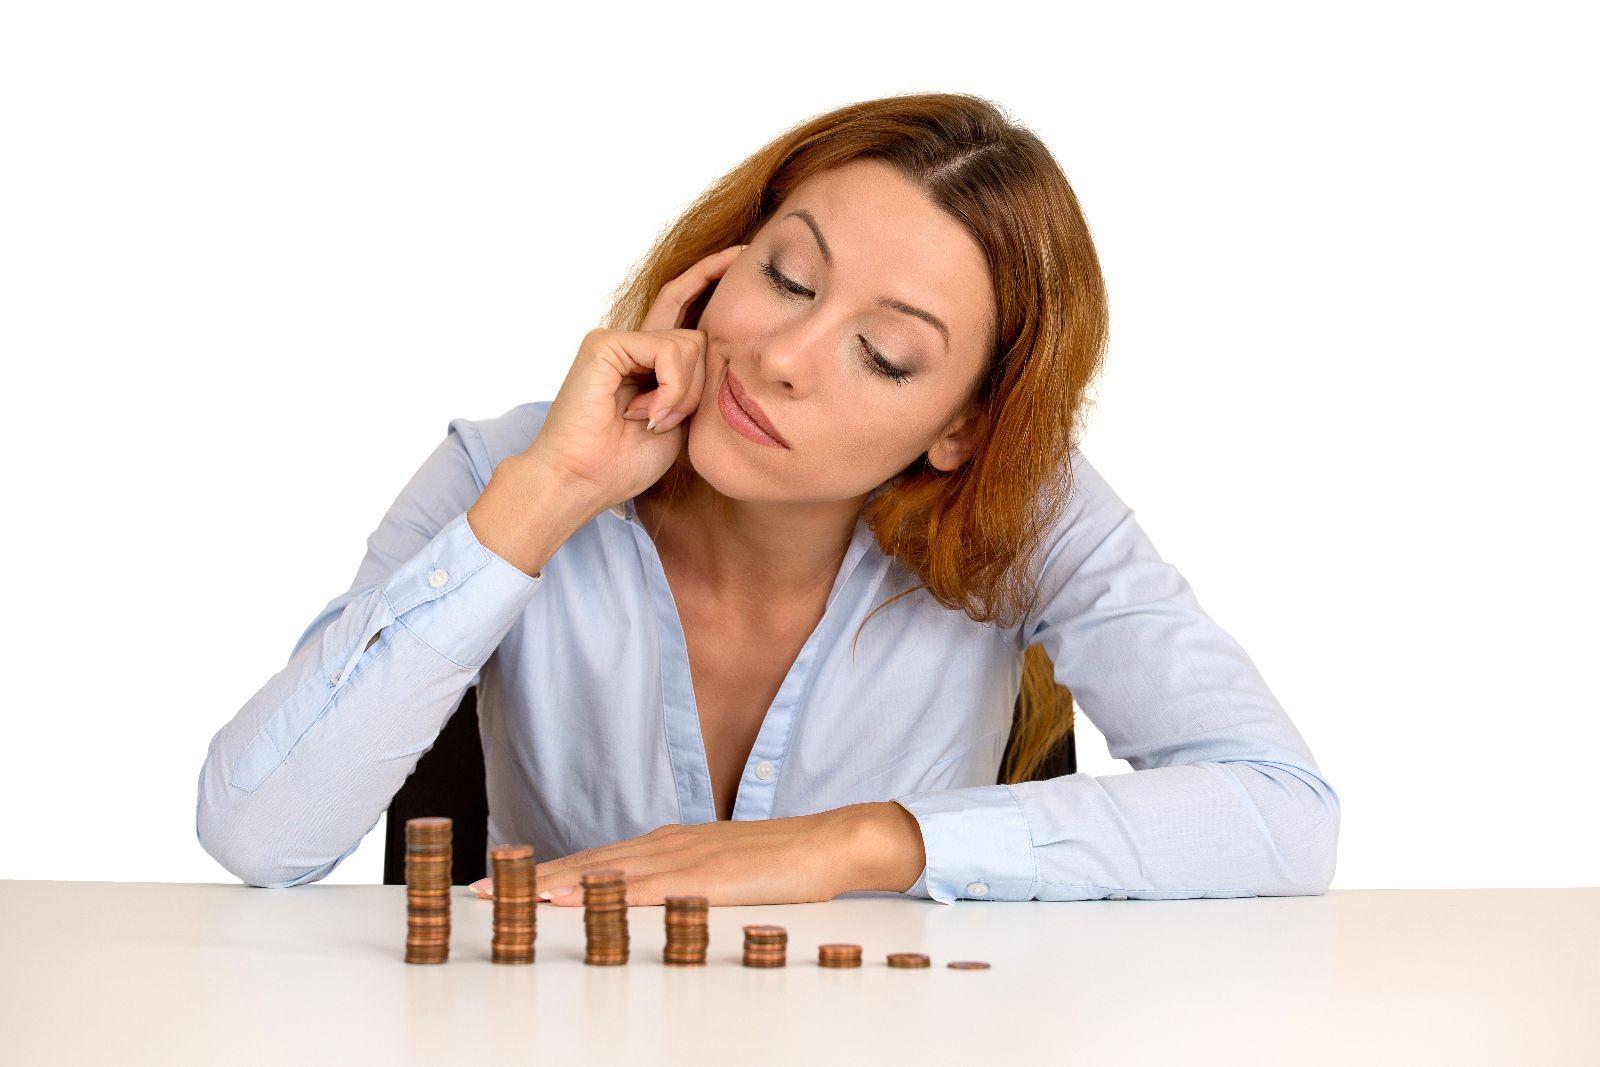 Mujer observa monedas apiladas en forma de grafica de barras